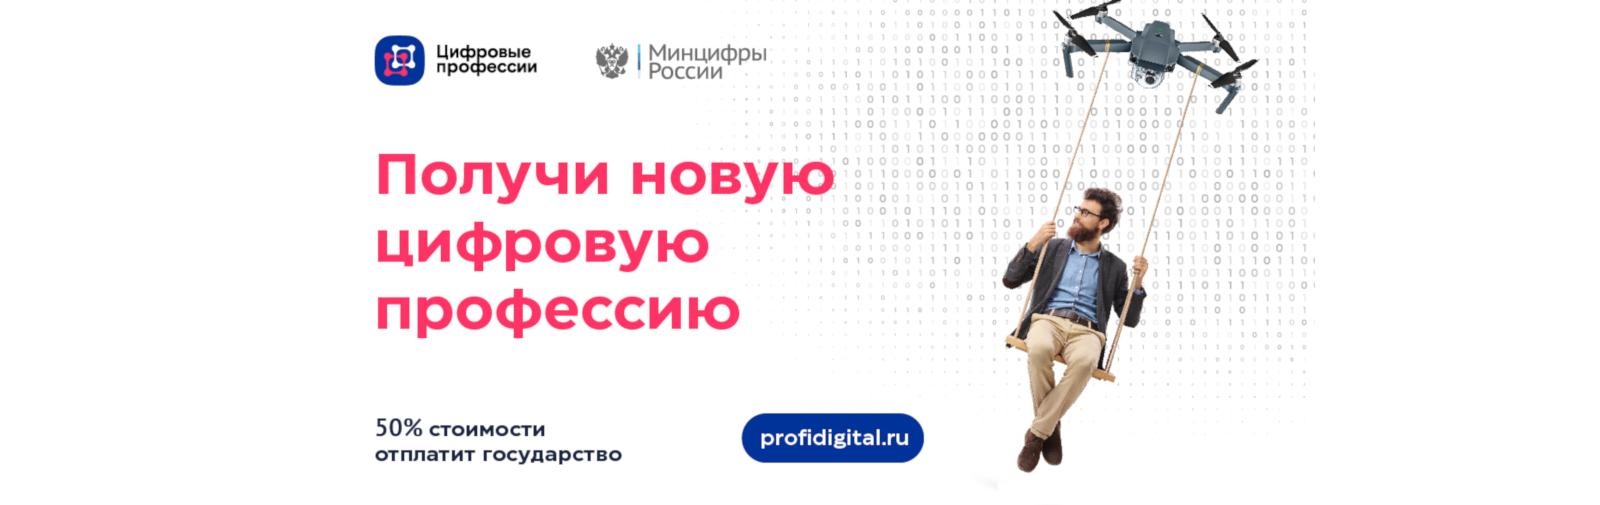 Политех прошел отбор в первой волне на участие в проекте «Цифровые профессии»